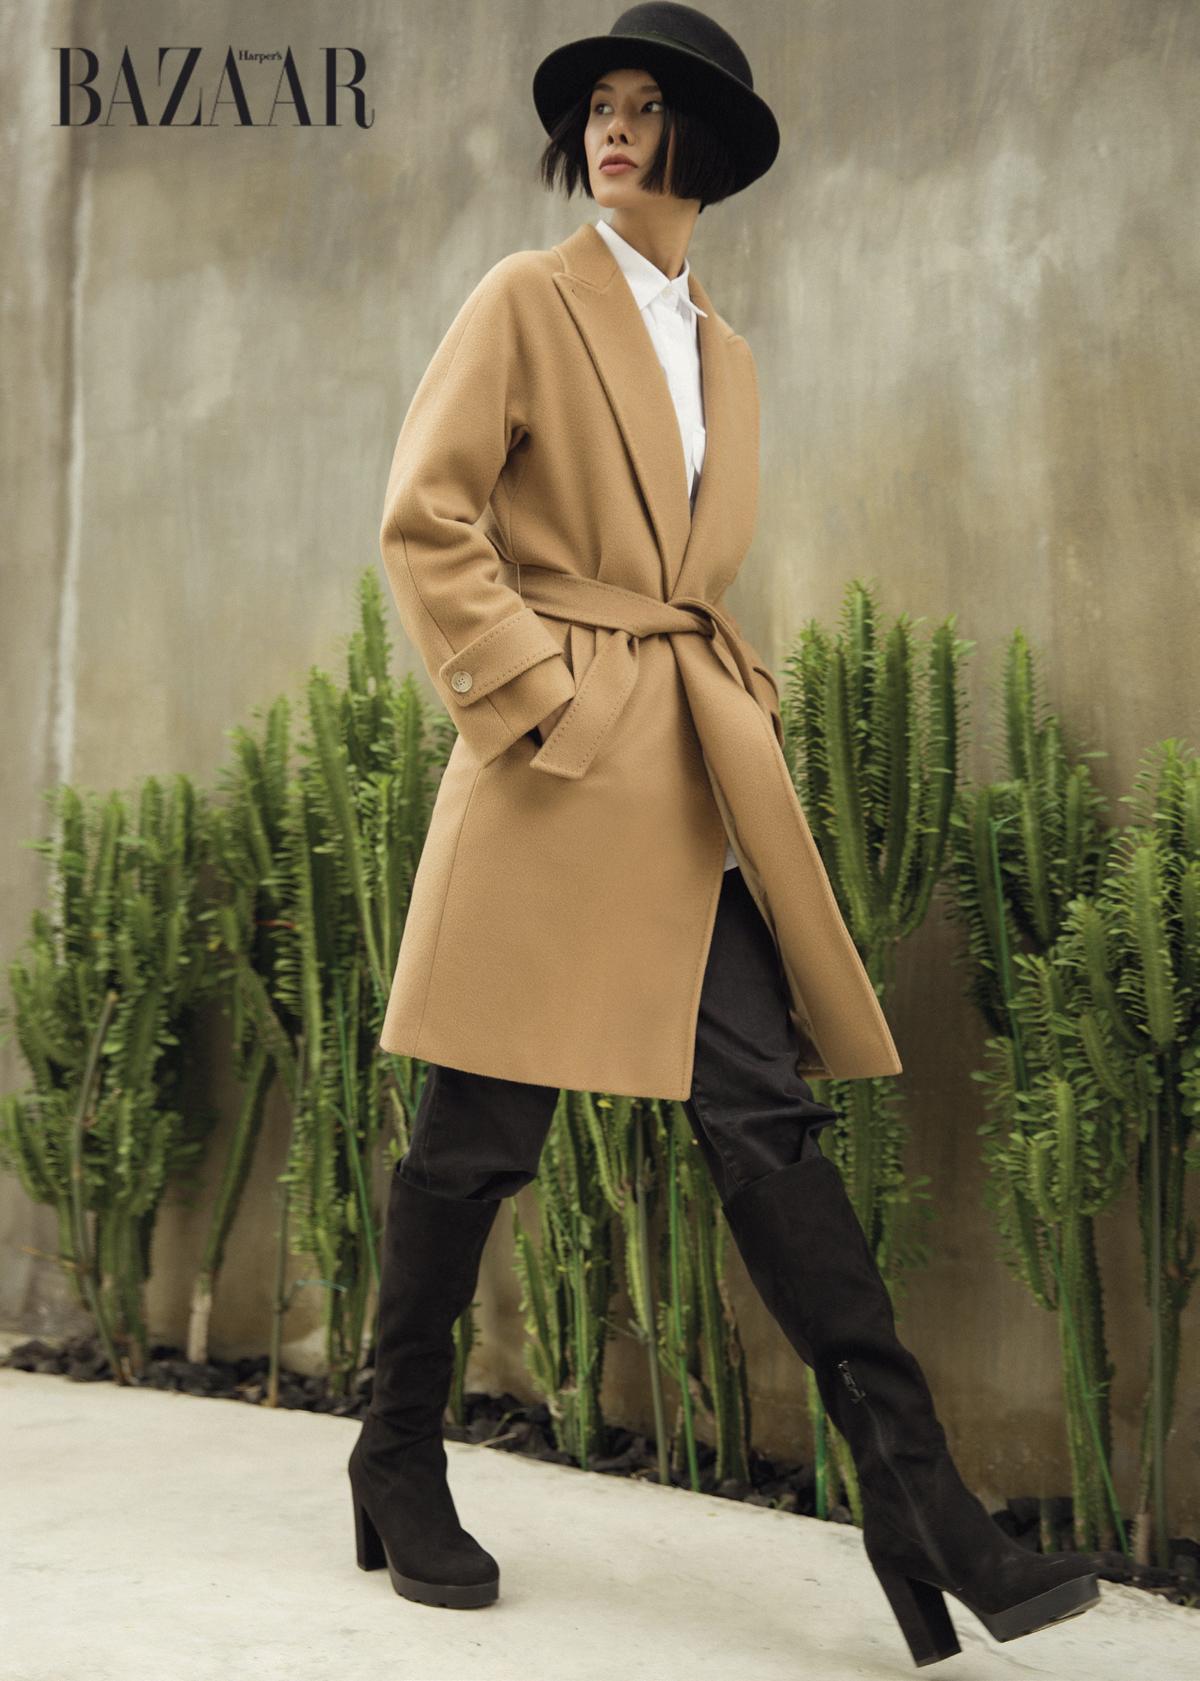 Mũ phớt: Một chiếc mũ fedora sẽ làmtăng vẻ thanh lịch và thời thượng cho các set đồ mùa Thu Đông Áo sơ mi cổ gập: Sử dụng để layering với áo khoác trench. Màu camel cực kỳ phù hợp với đen và trắng, Massimo Dutti Thoải mái. Nói đến màu camel là nghĩ đến coat và trech coat đầu tiên. Áo này phù hợp với tiết thu mát mẻ ở miền Bắc và các vùng cao nguyên se lạnh, Max Mara Bốt cao quá gối cực kỳ phù hợp với áo khoác camel. Chú ý kết hợp quần cùng màu để tạo chiều cao